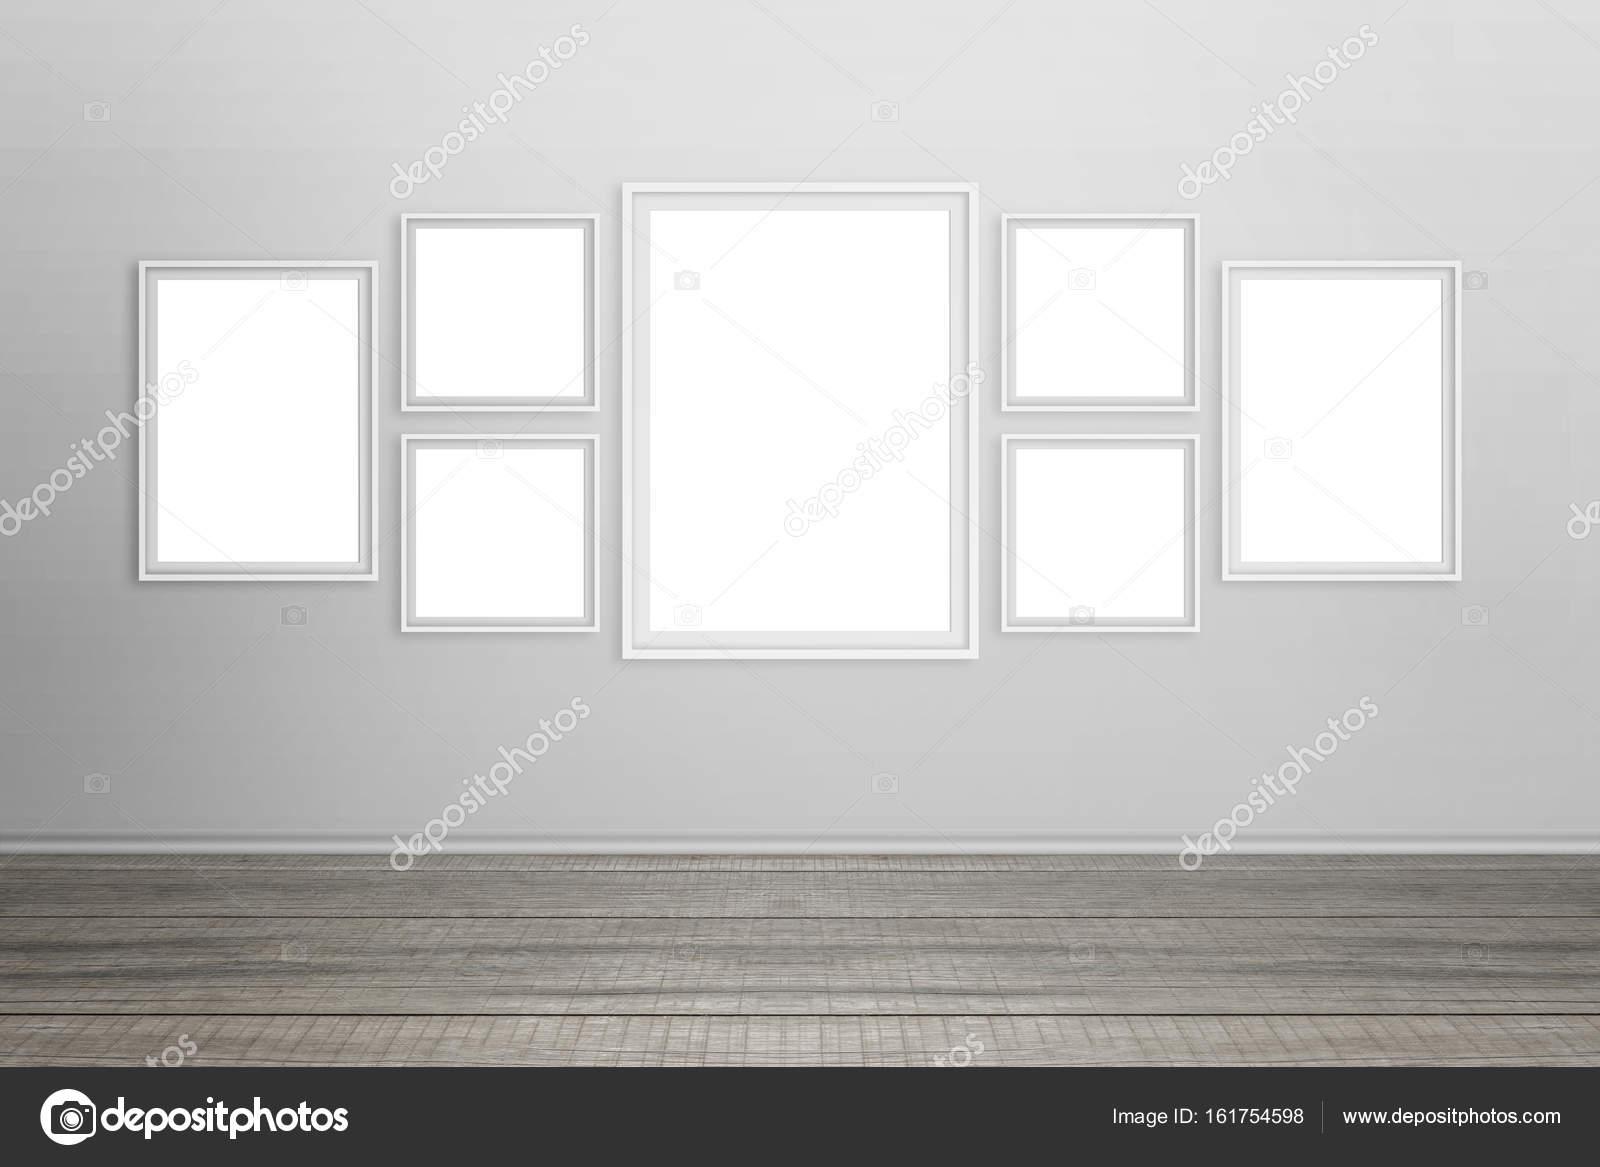 Leere weiße Rahmen an Wand. Für Modell isoliert — Stockfoto ...